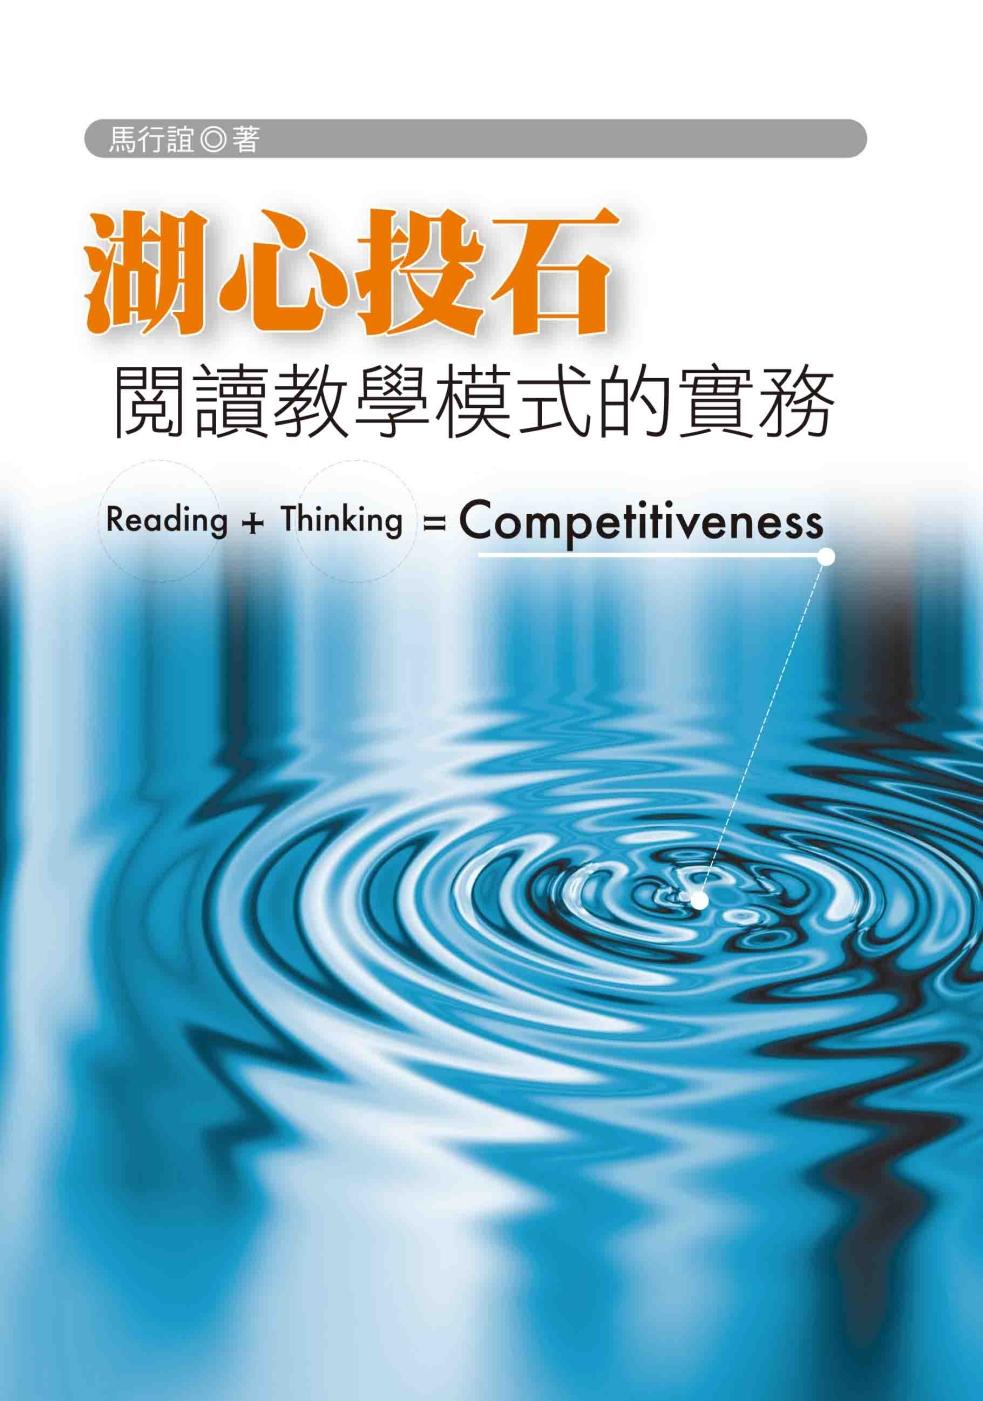 湖心投石閱讀教學模式的實務